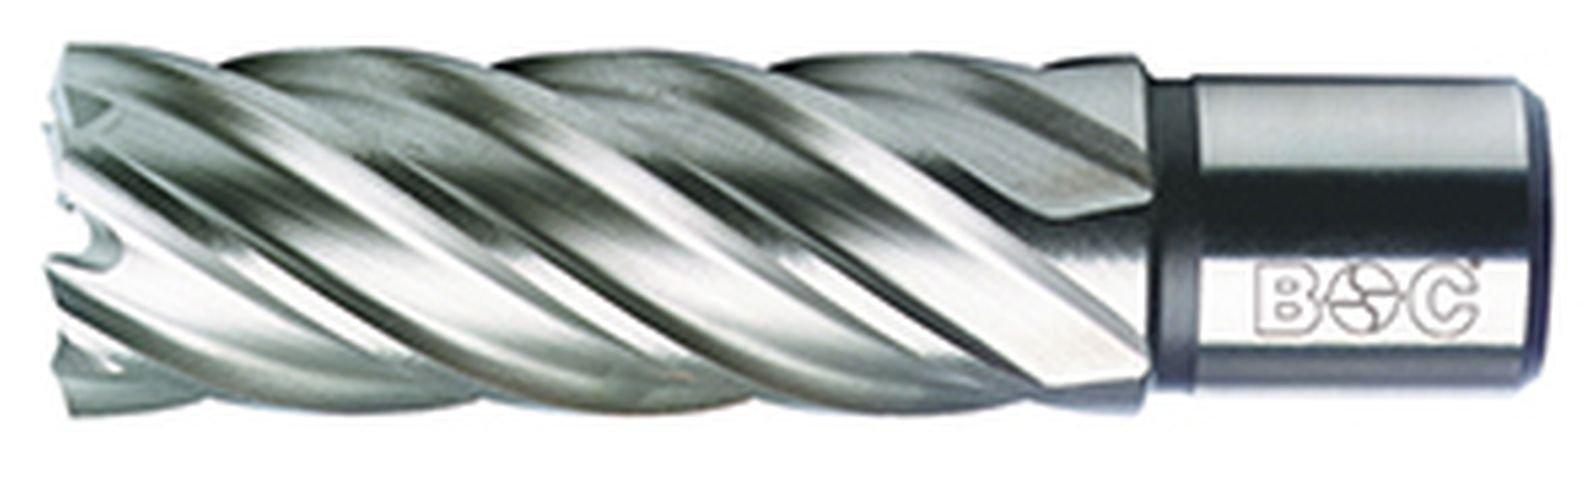 Bohrcraft-Kernbohrer-HSS-mit-Weldonschaft-34-Zoll-400-x-50-mm-Schnitttiefe-in-QuadroPack-1-Stck-19500304050